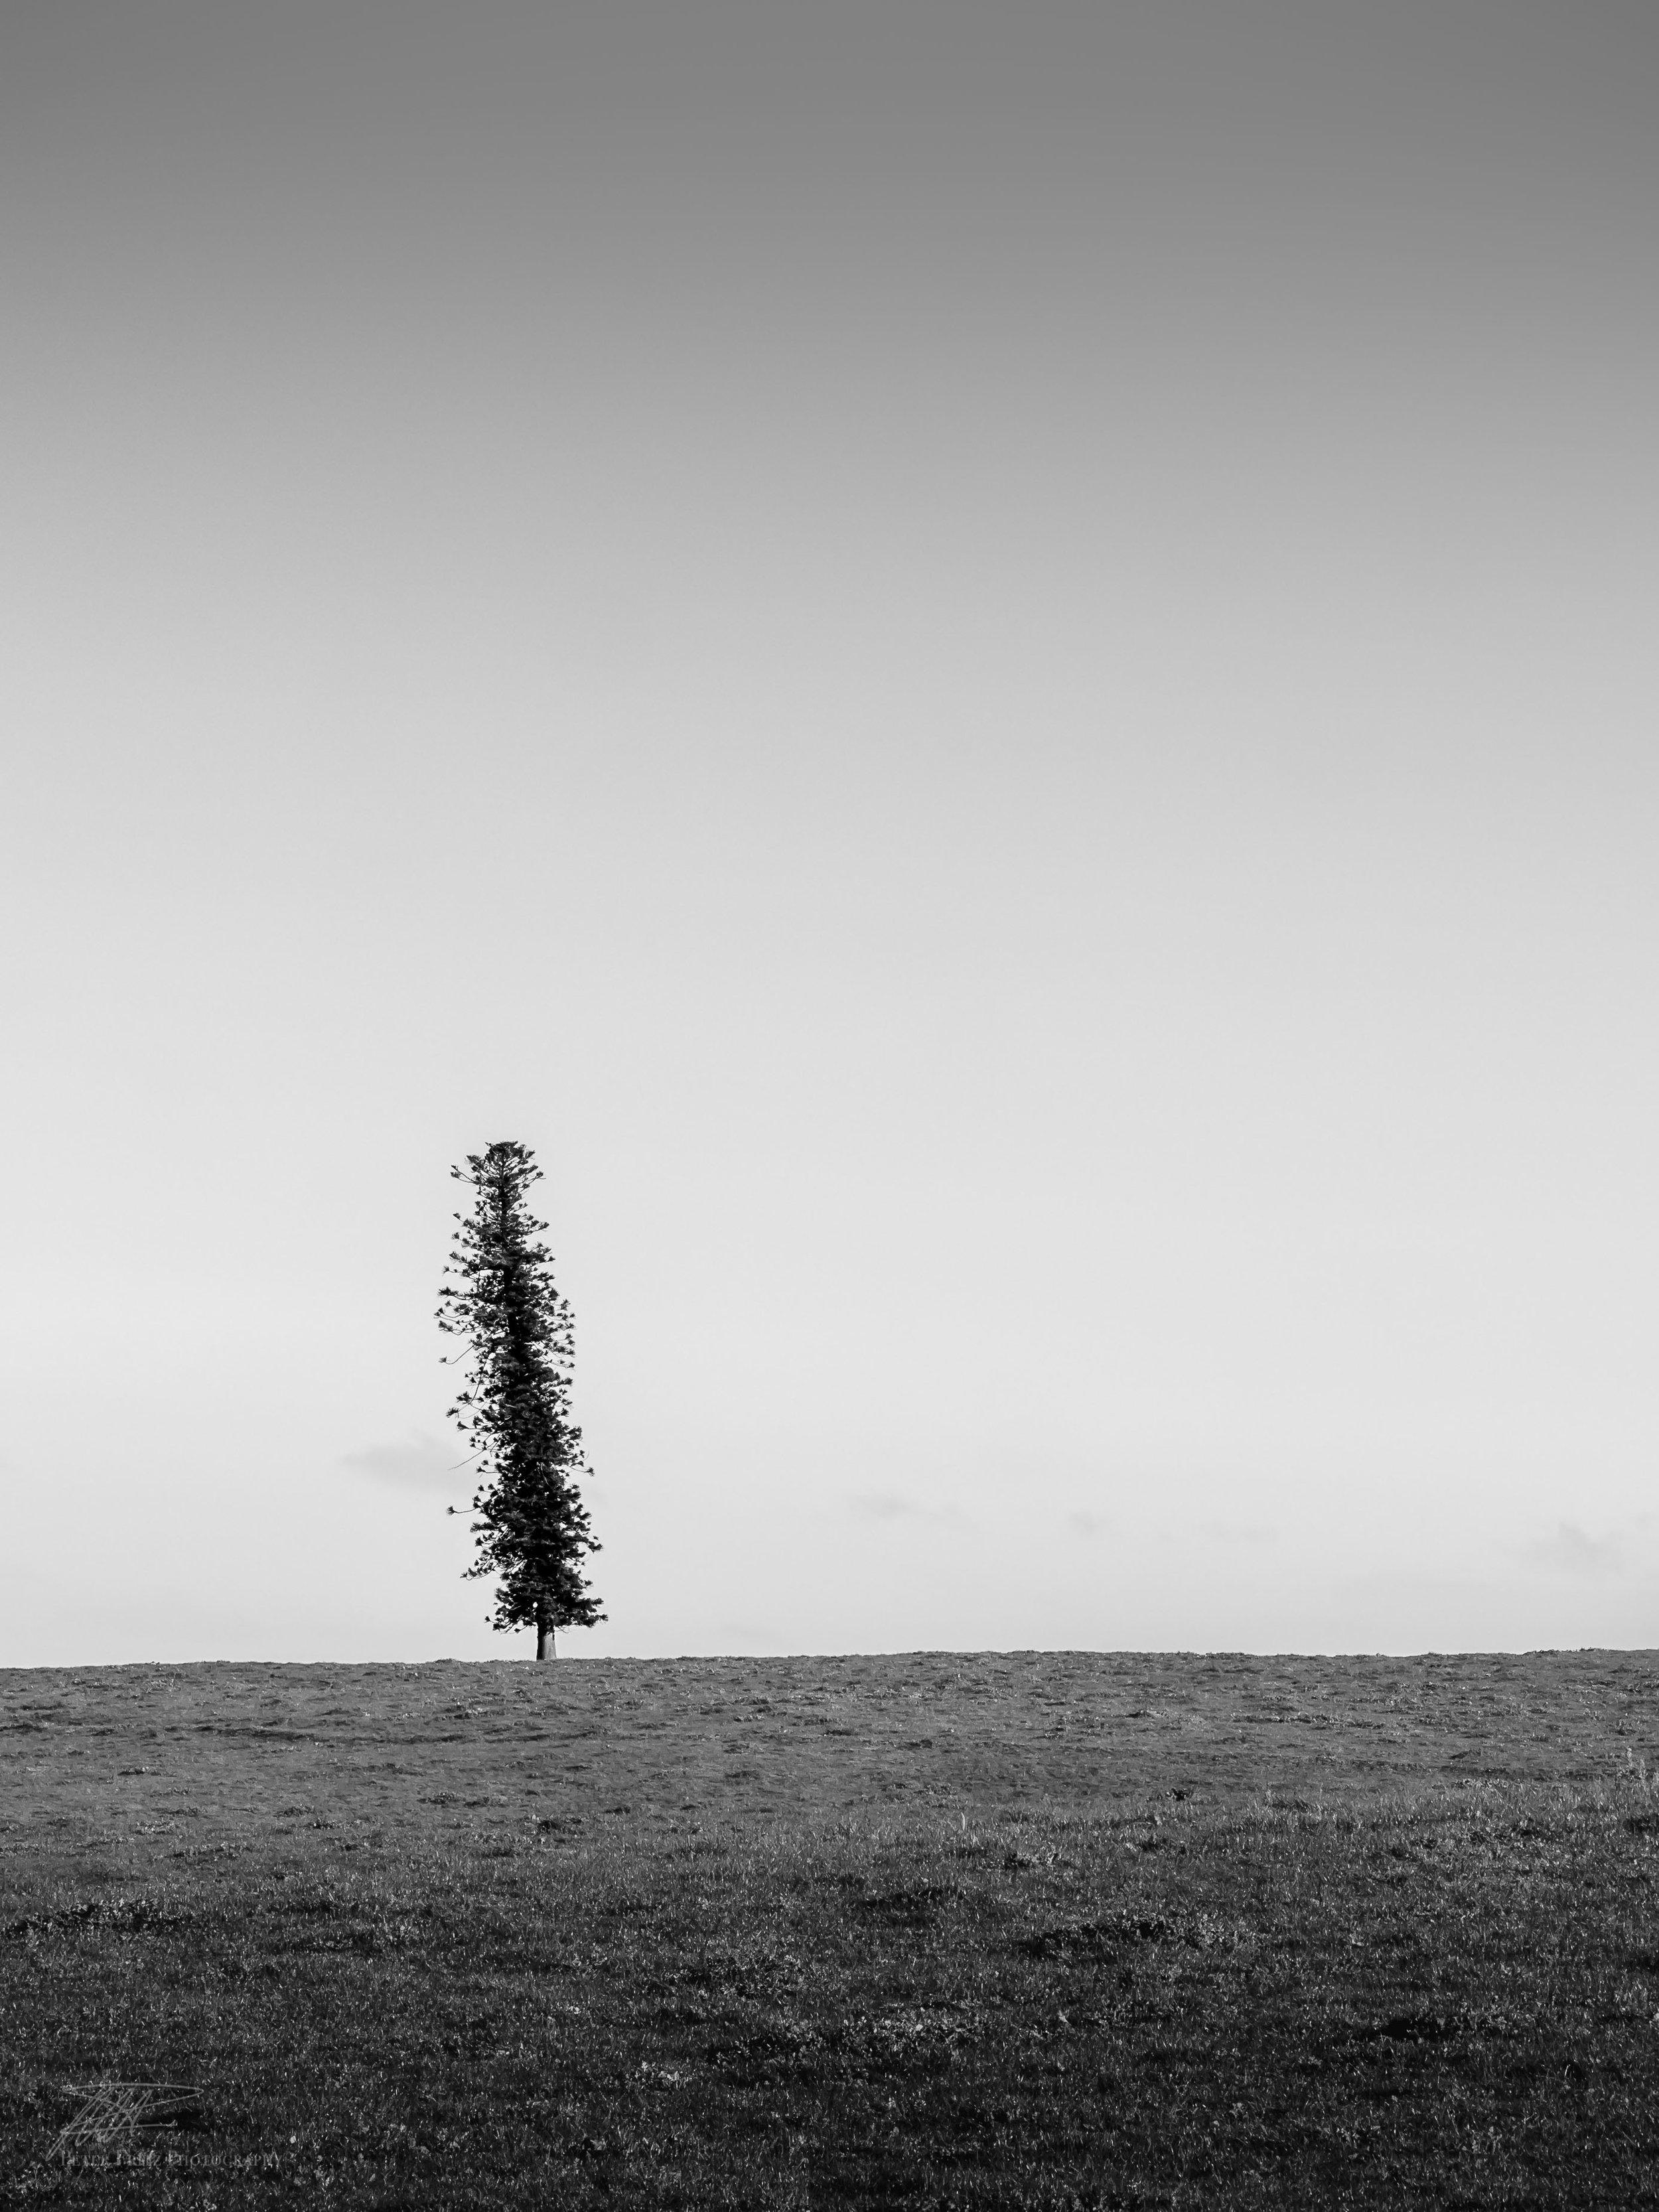 Lone pine 4x3 web.jpg